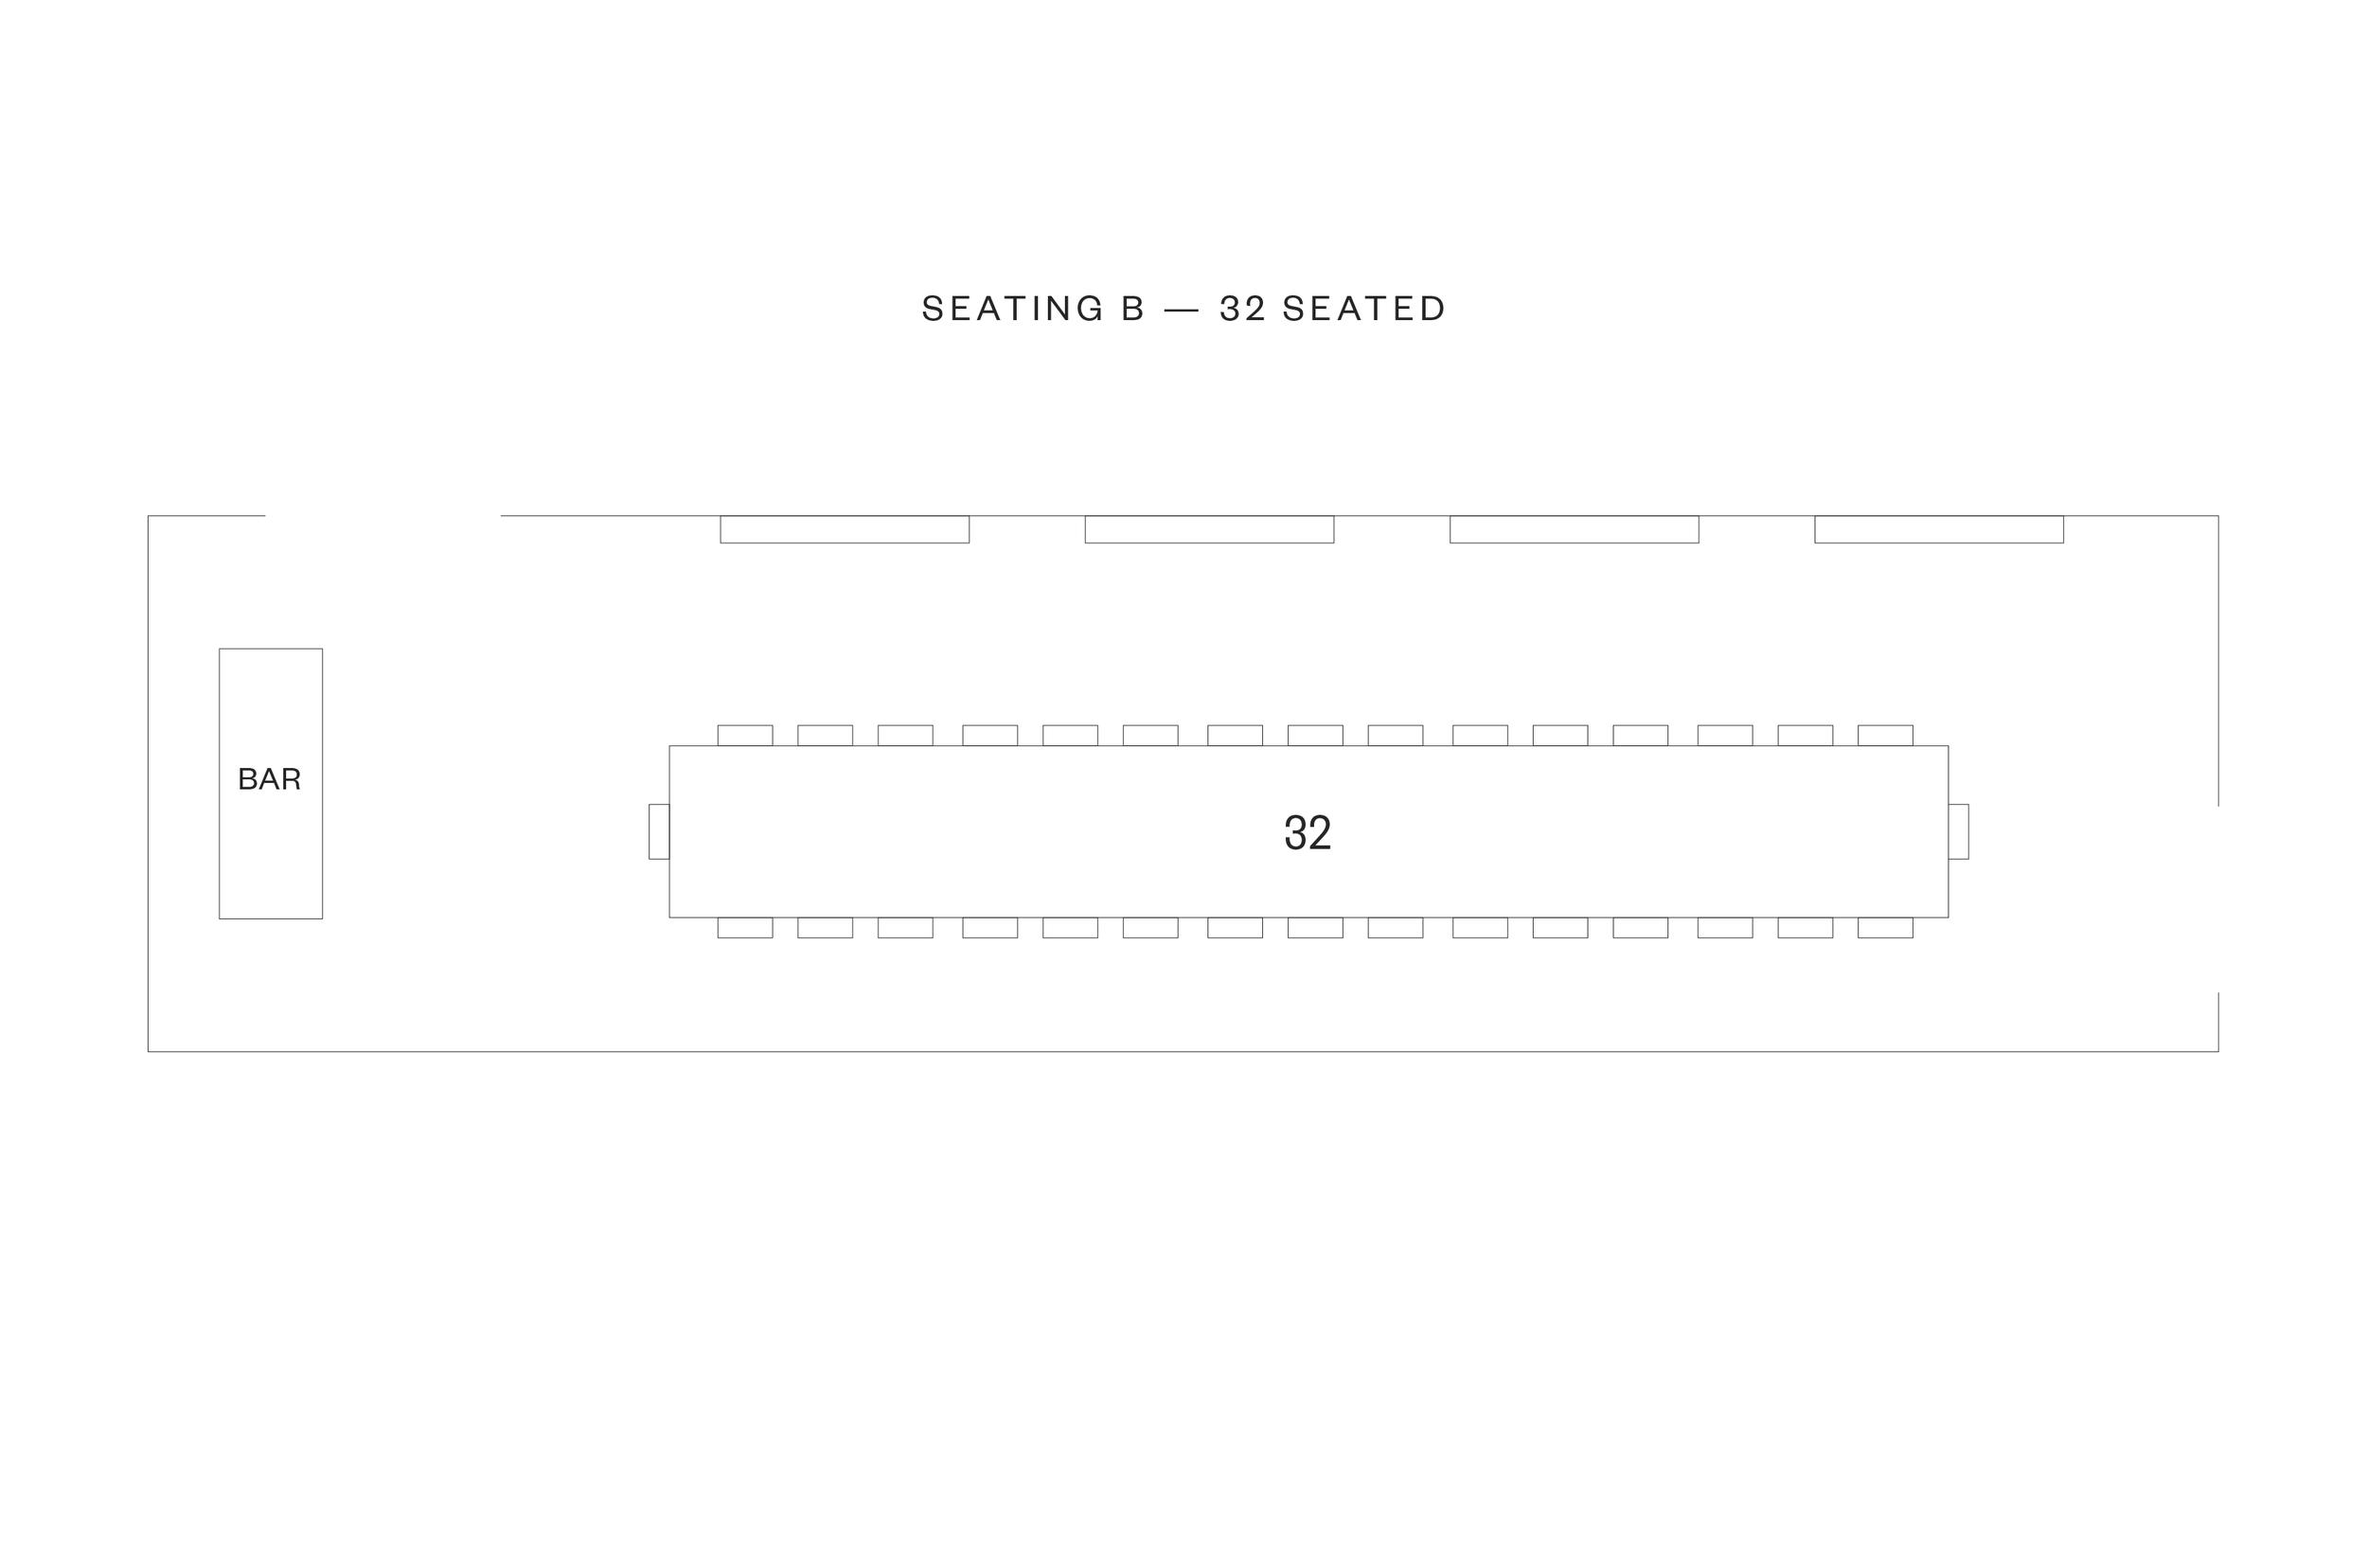 TAVERN_Veranda_FP_Web_SeatingB.png